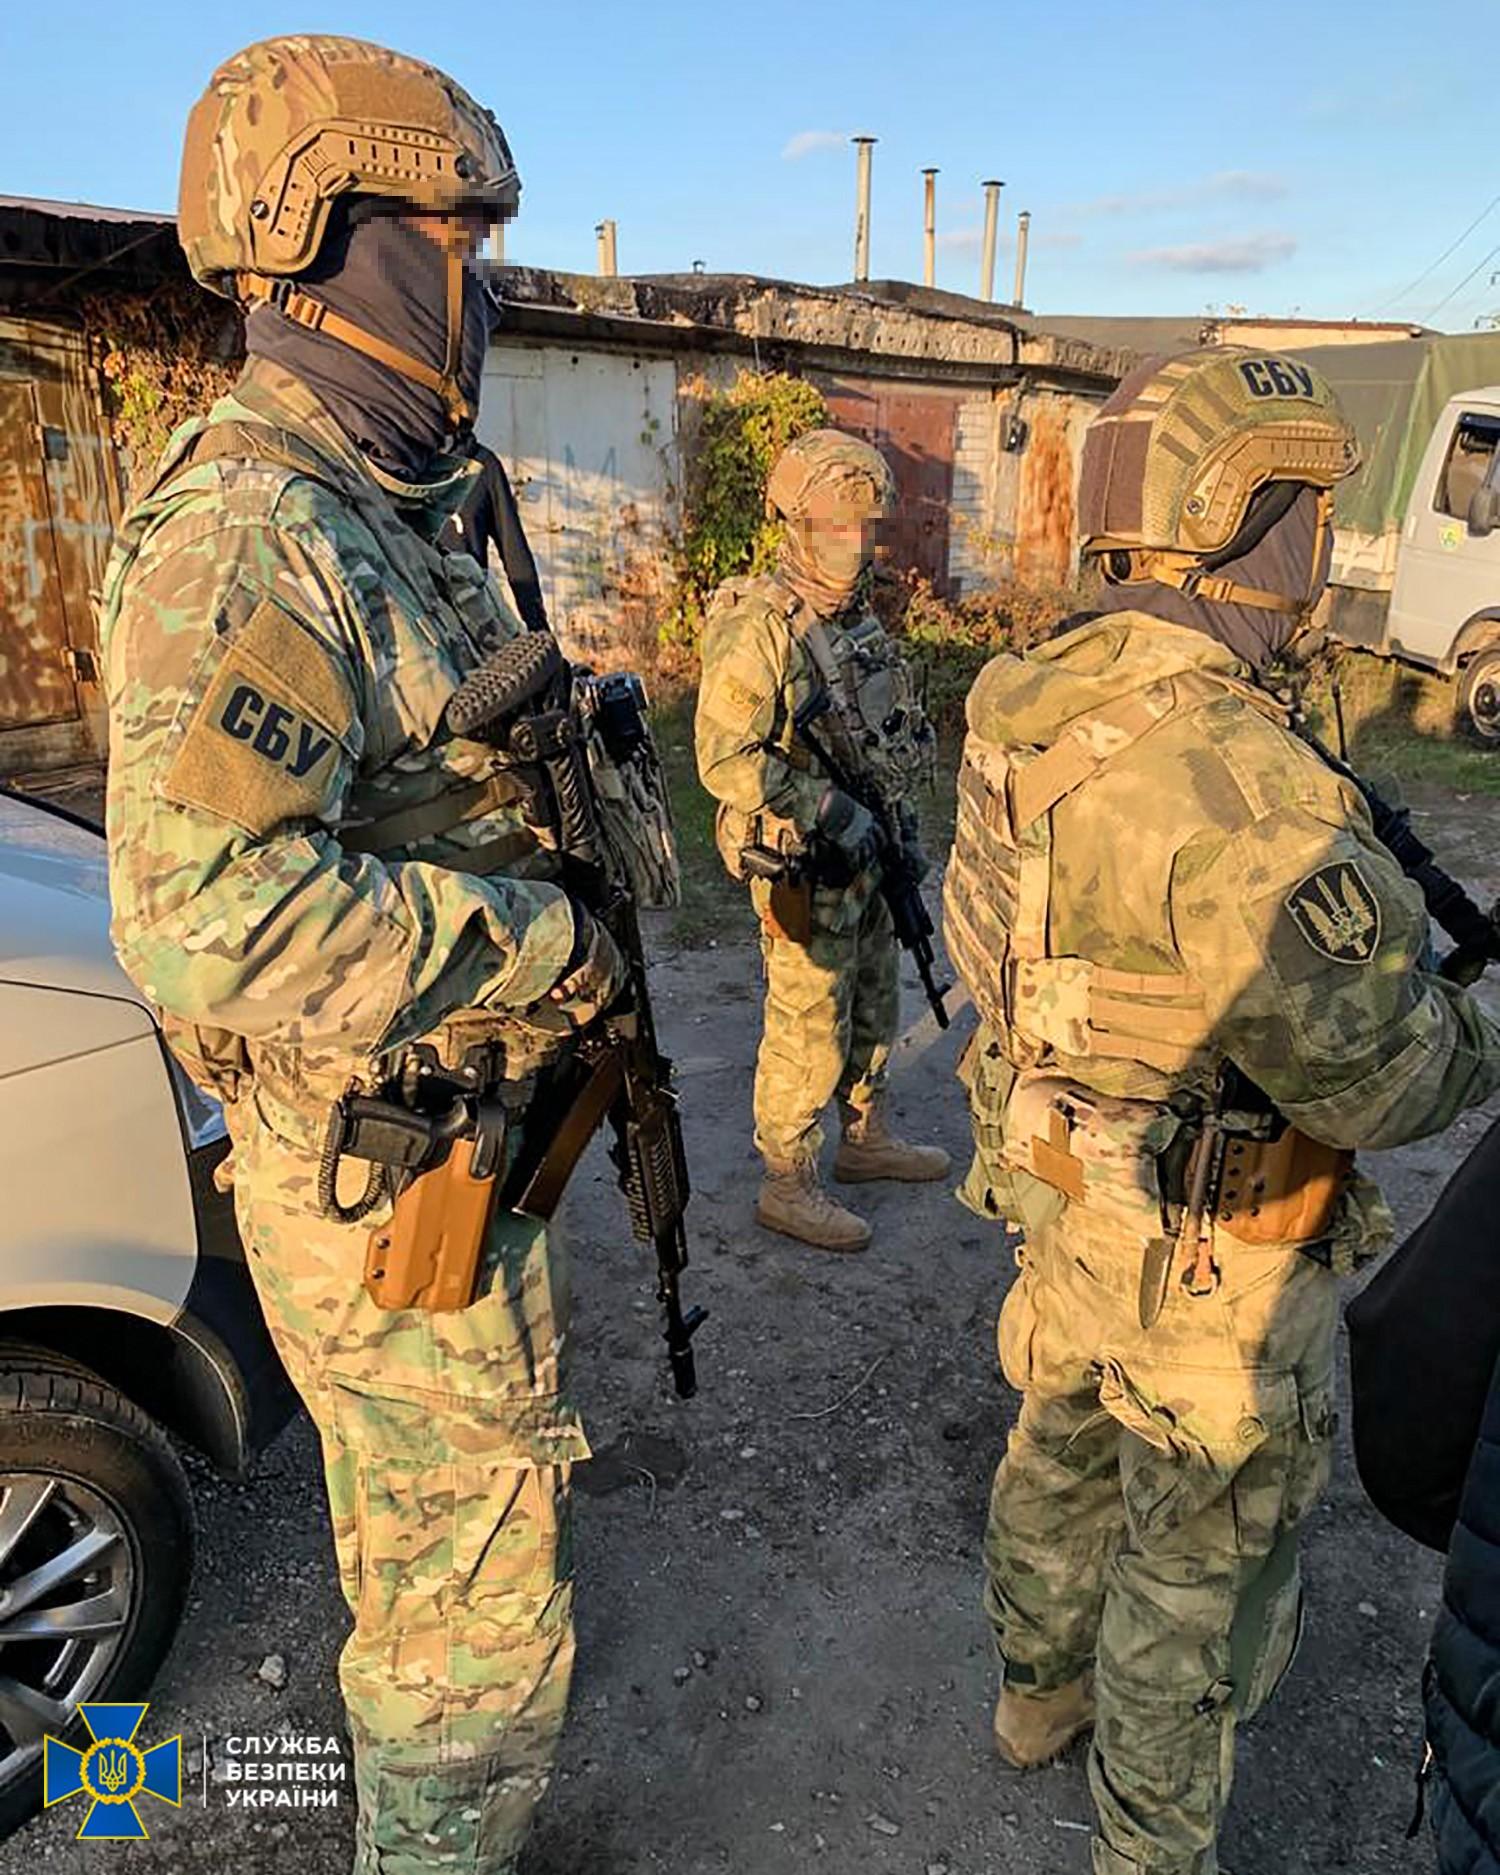 Український чиновник попався на продажу запчастин для військової техніки в РФ